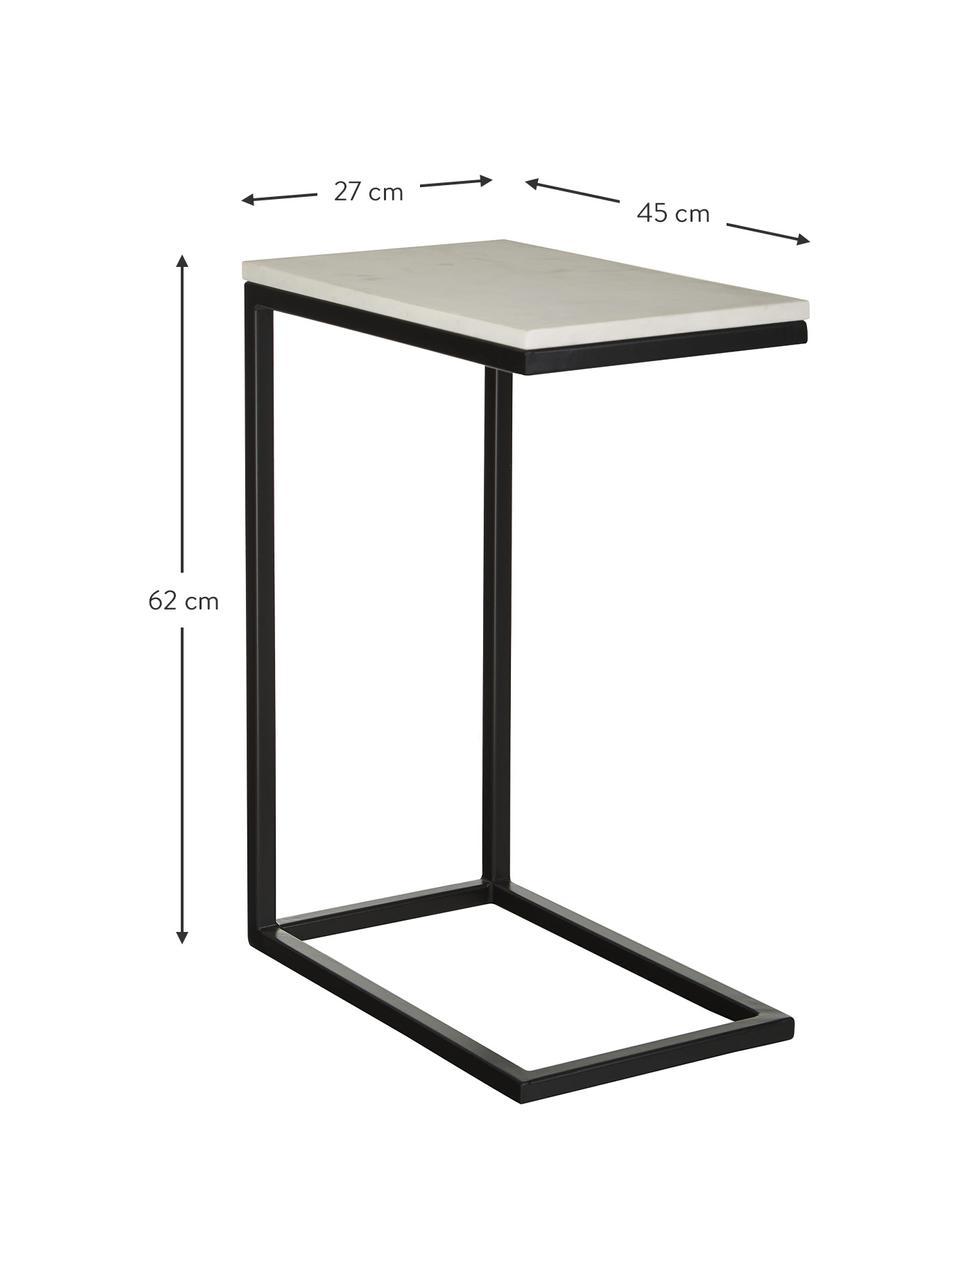 Tavolino in marmo Celow, Piano d'appoggio: marmo, pannello di fibra , Struttura: metallo verniciato a polv, Bianco, Larg. 45 x Alt. 62 cm